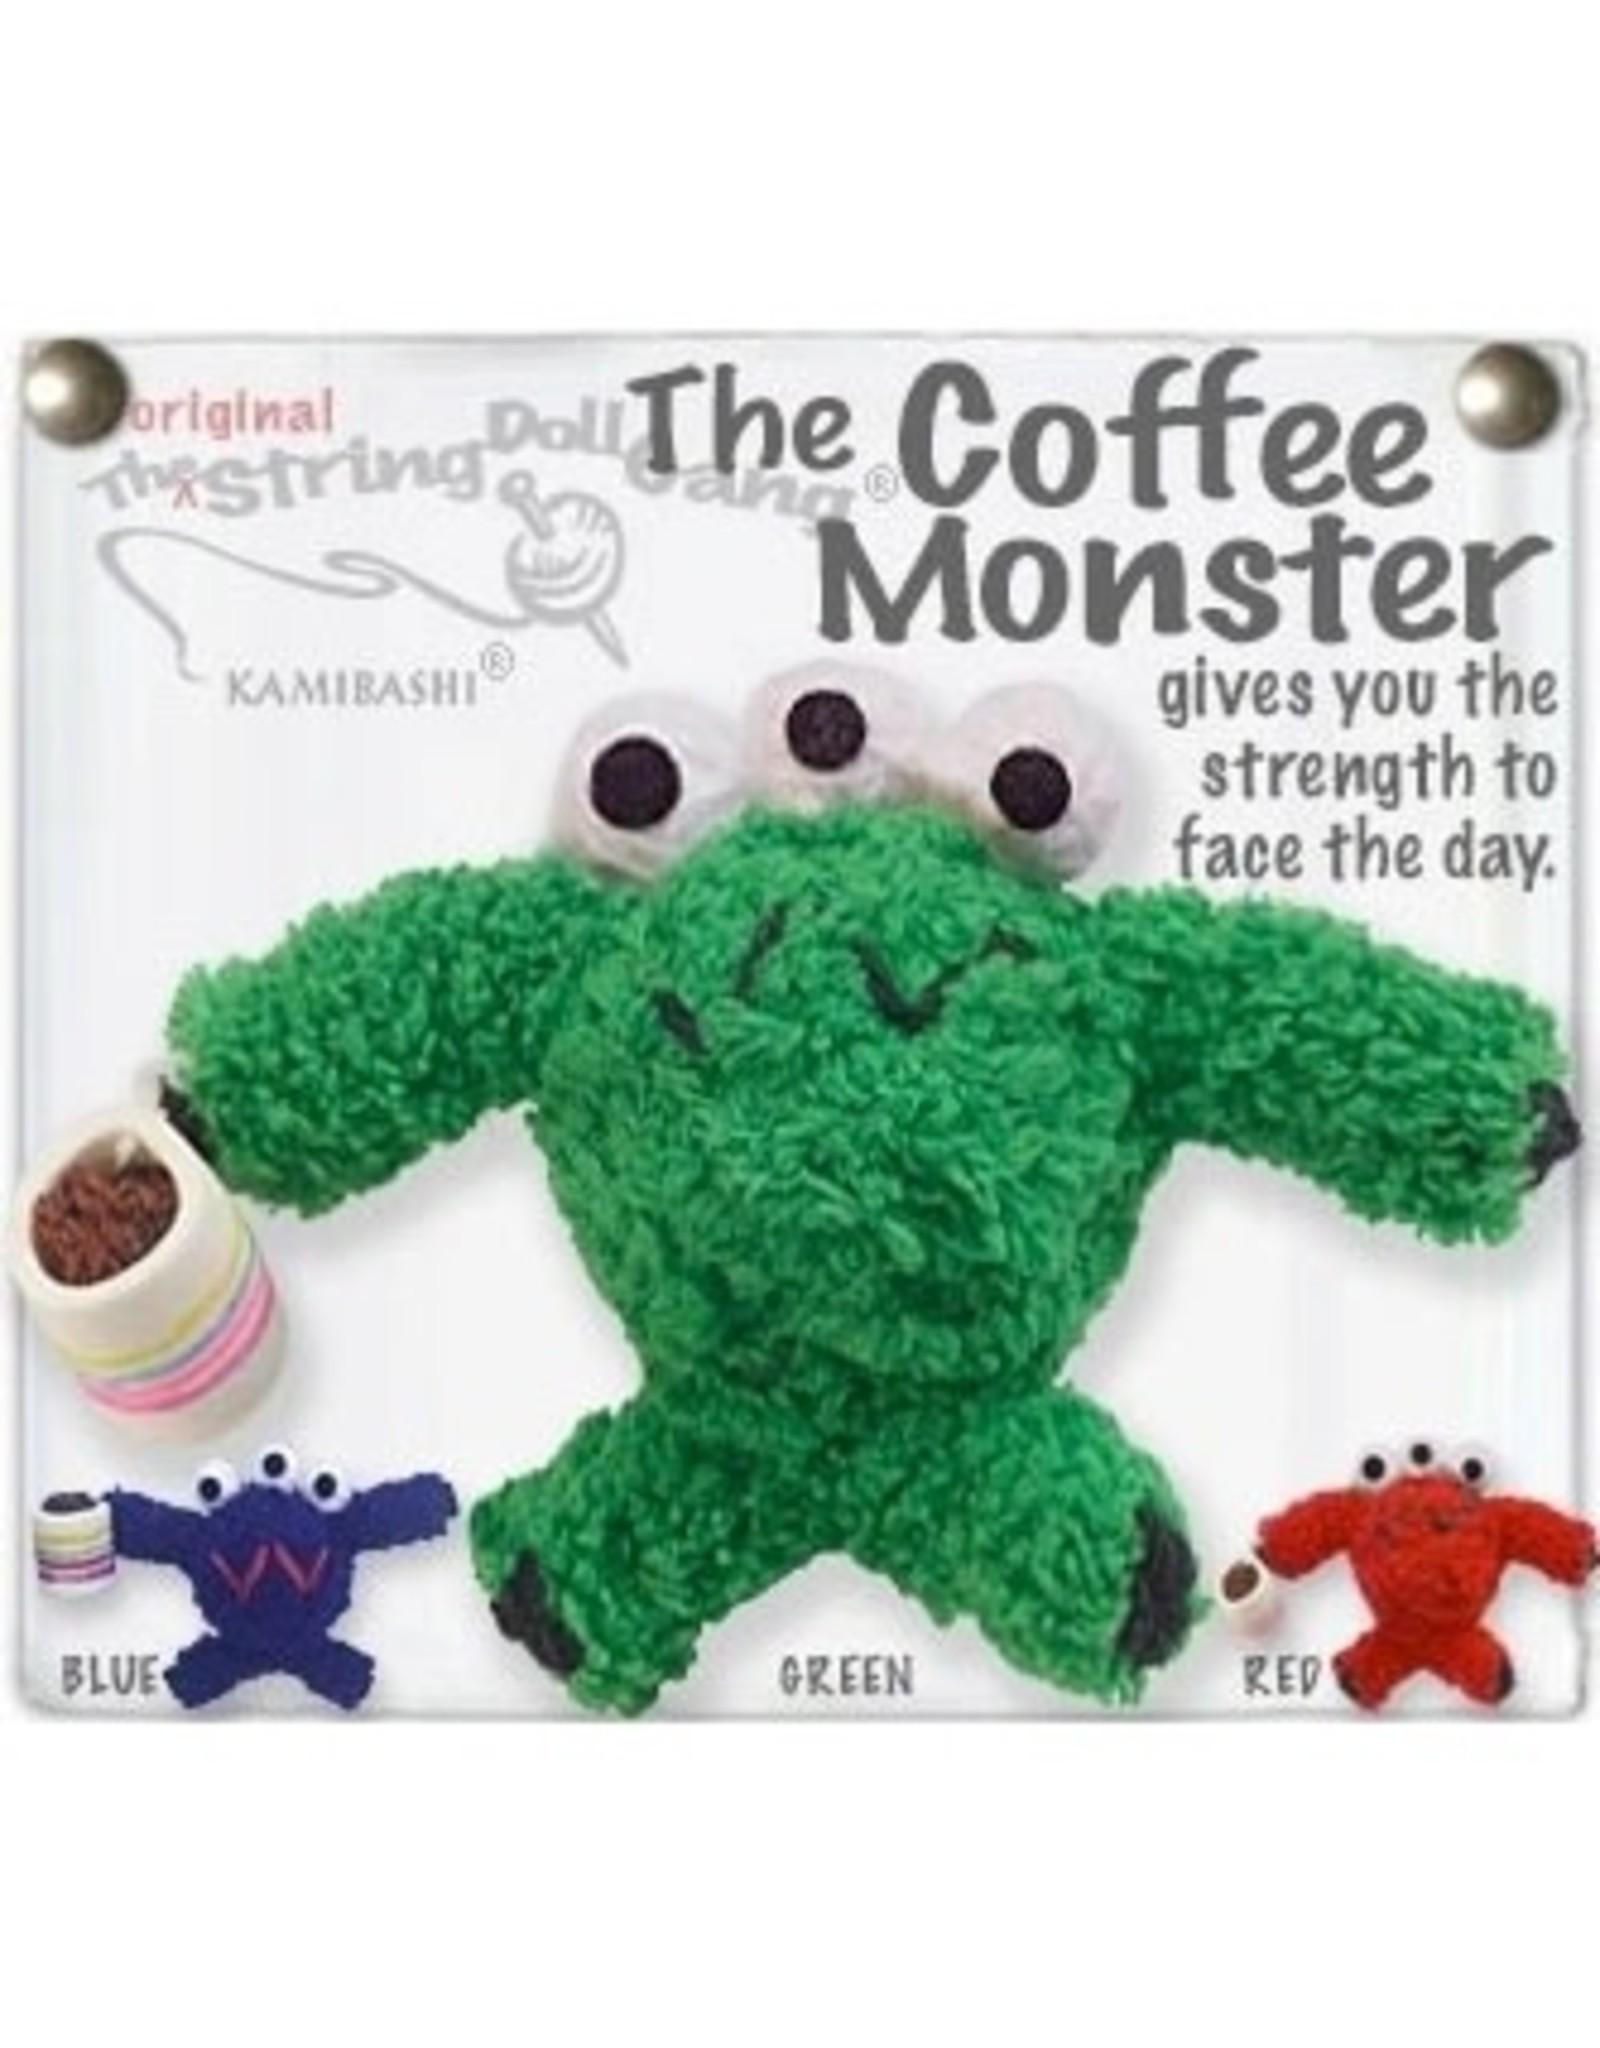 Stringdoll Coffee Monster